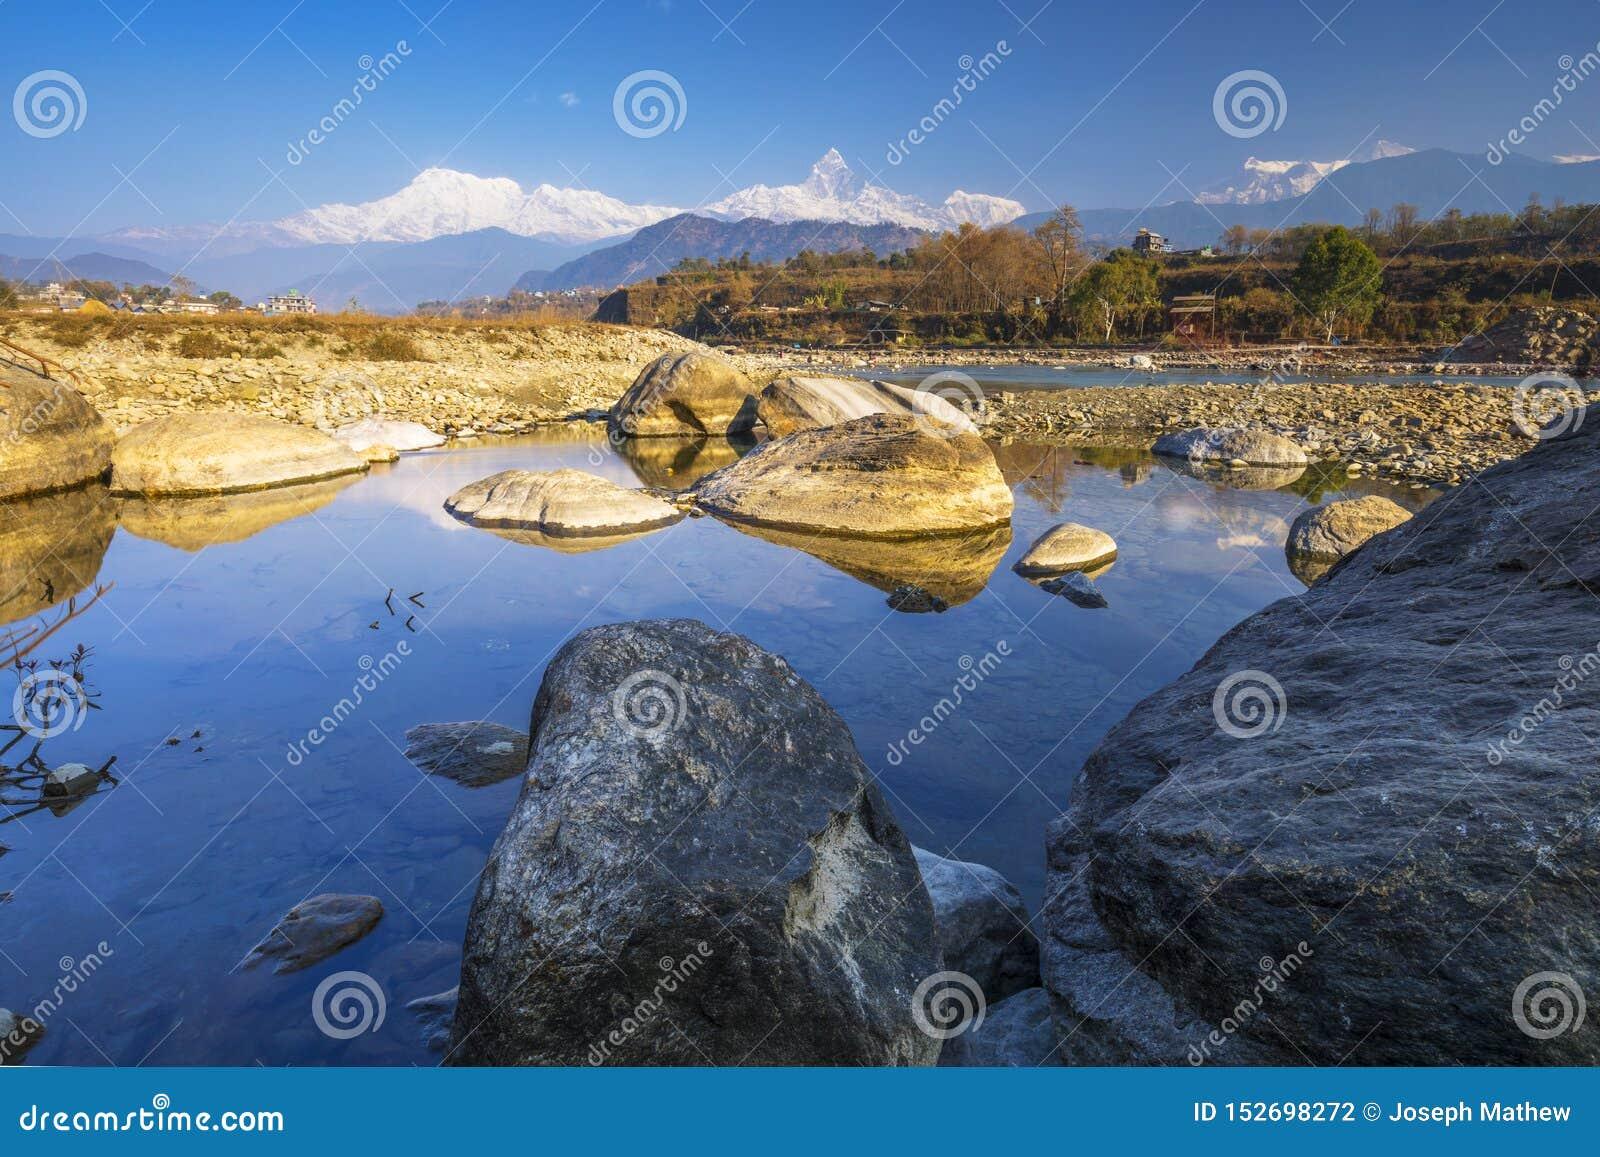 Río de Seti Gandaki y montaña de la espina de pescado de la visión a largo plazo